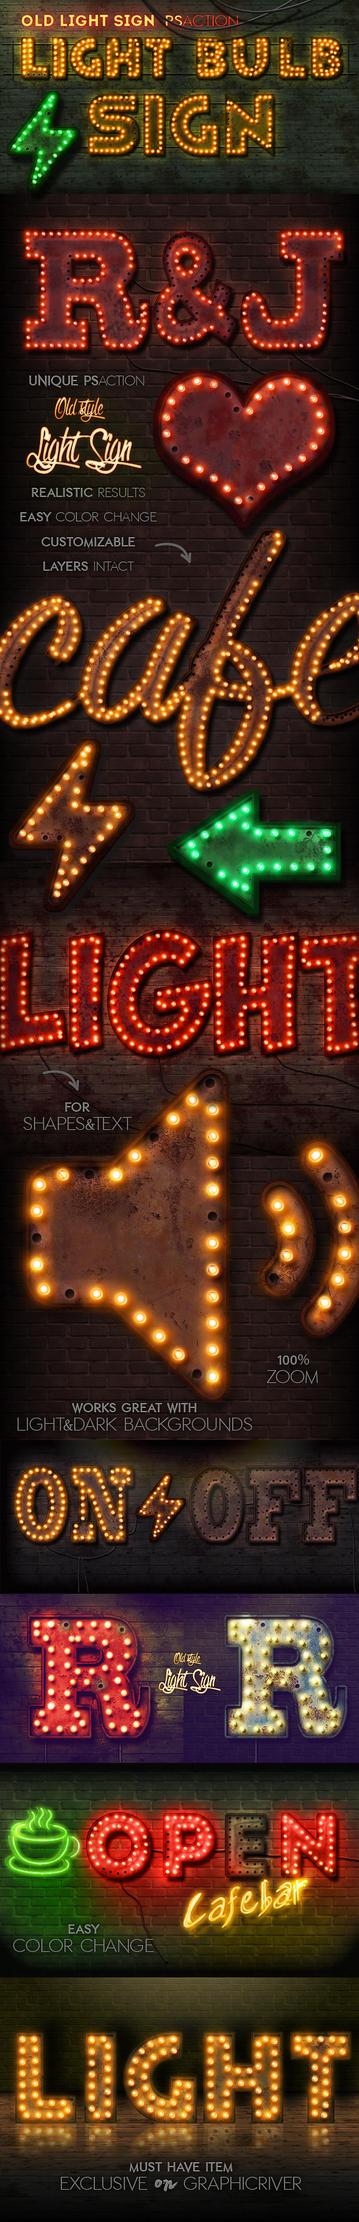 Old Light Sign Photoshop Action by Kluzya